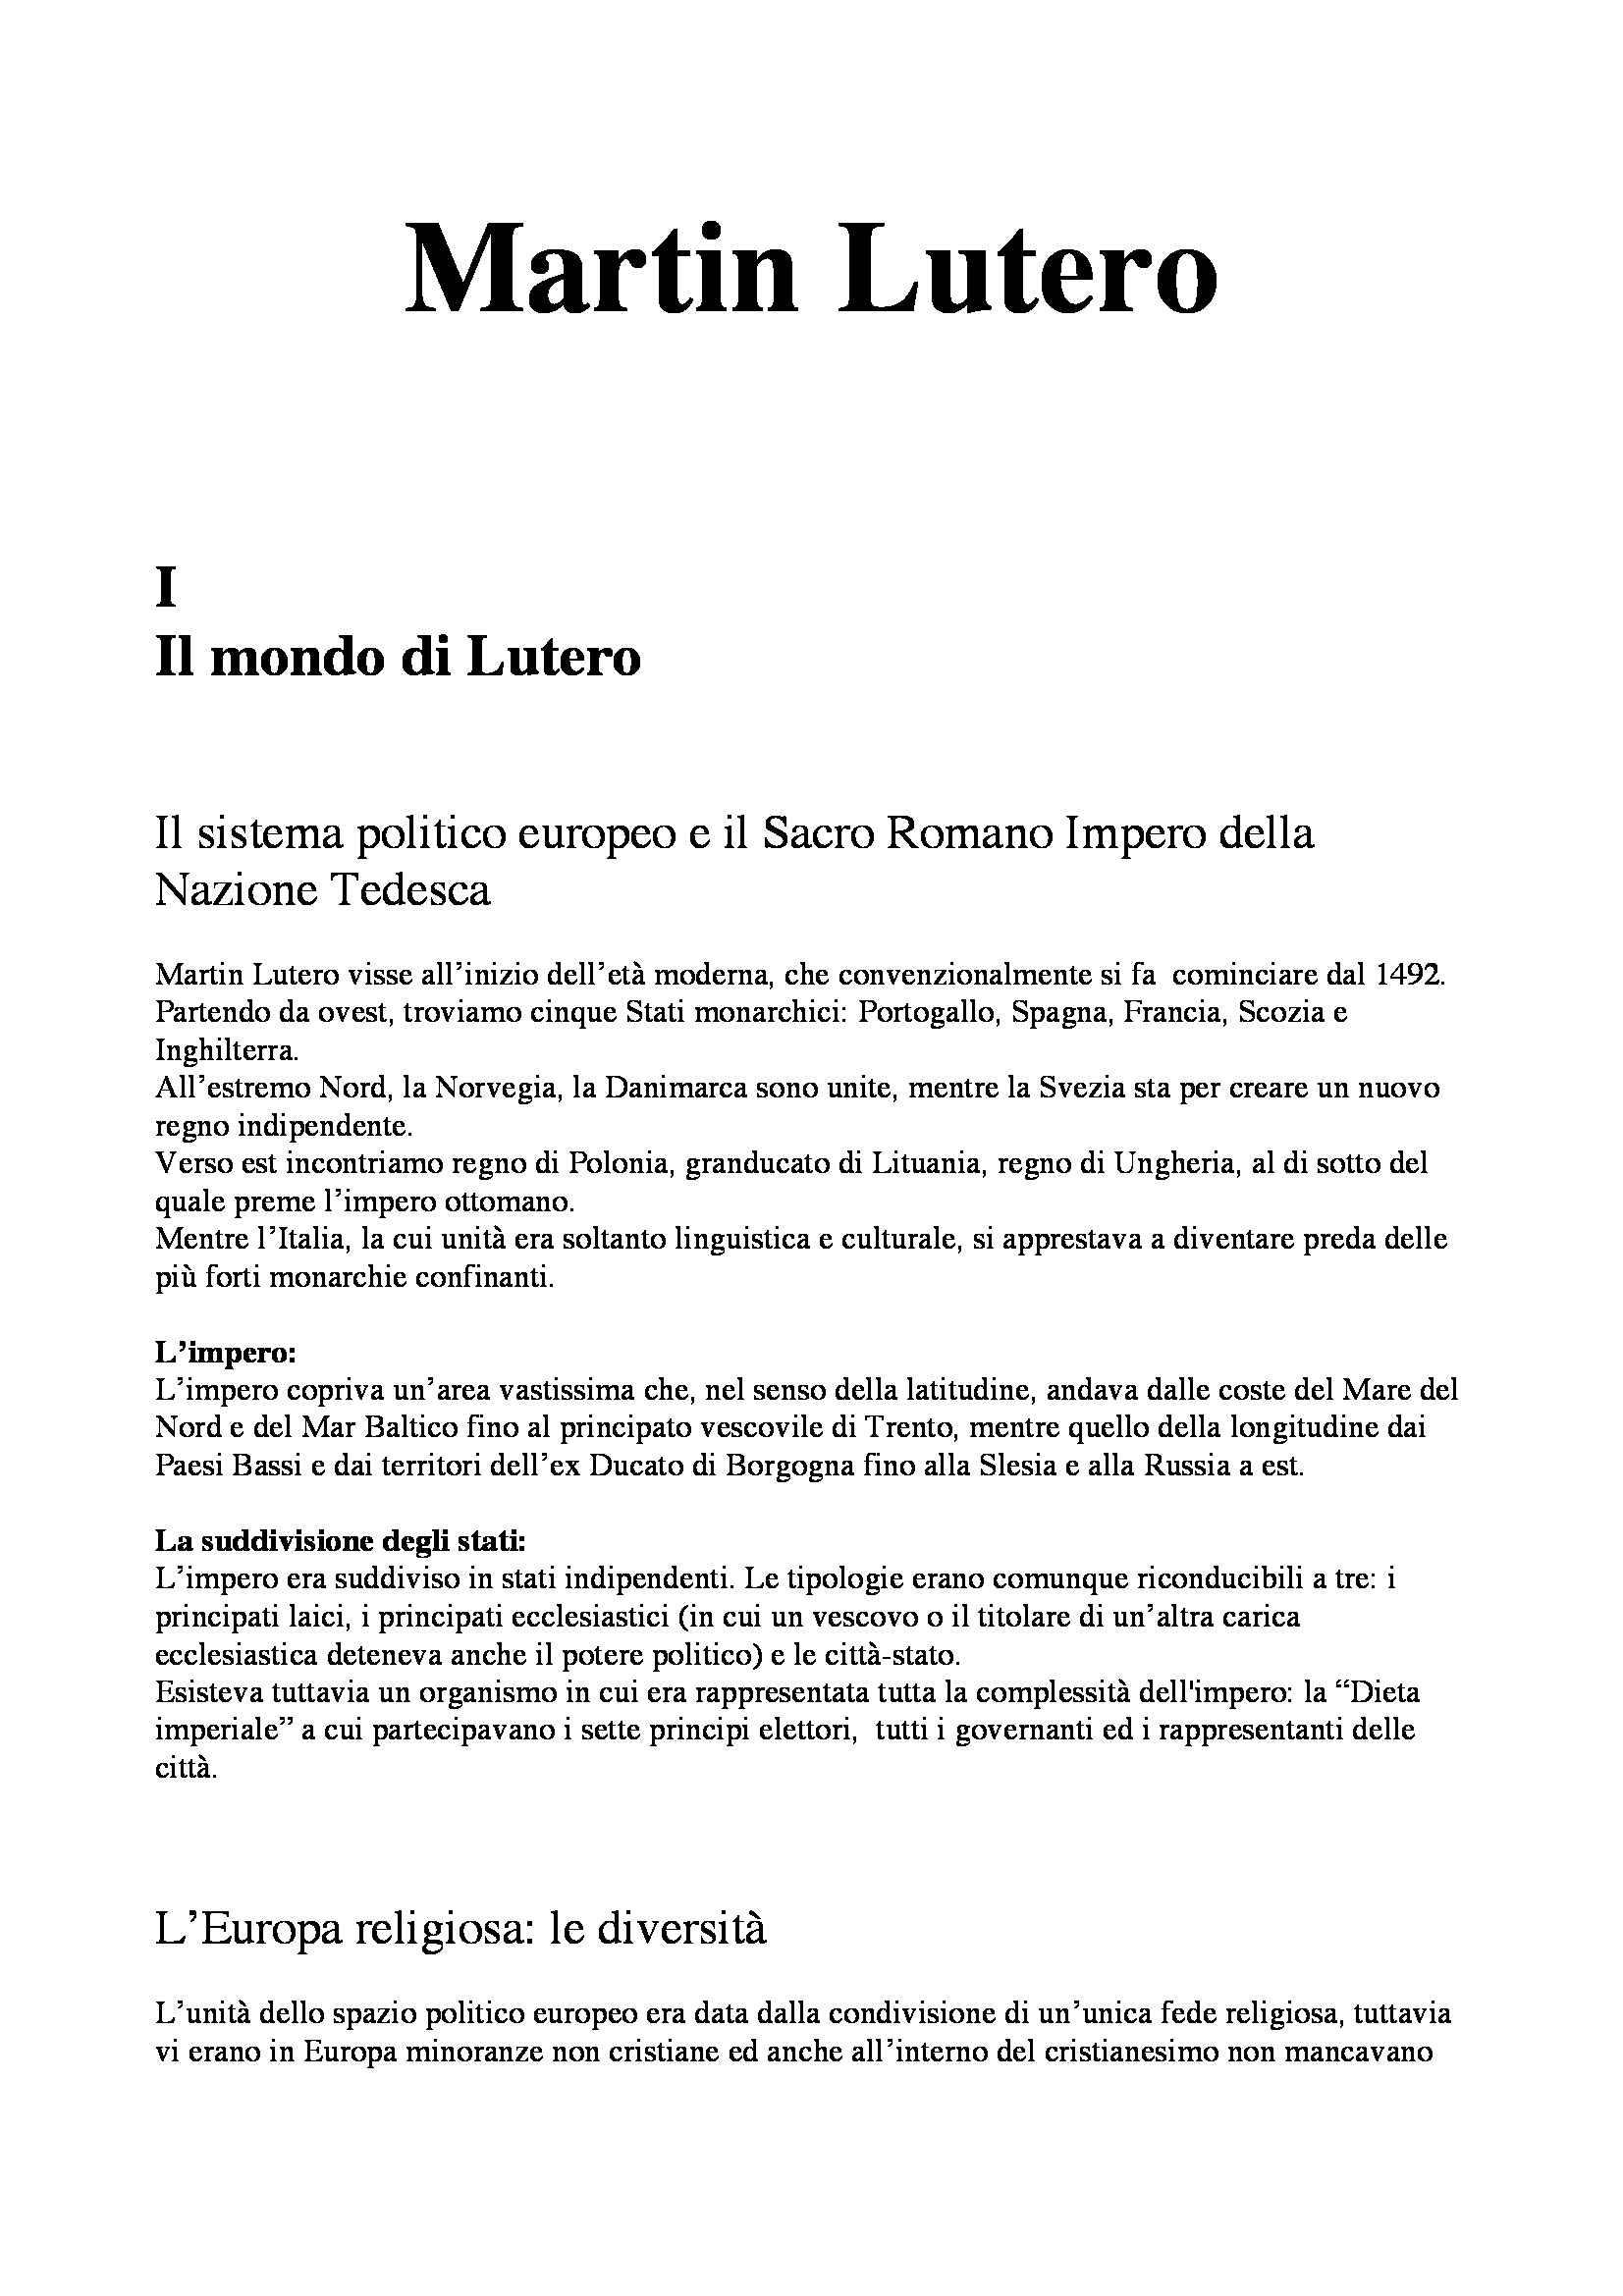 Riassunto esame Storia Moderna: Martin Lutero, prof. Dall'Olio